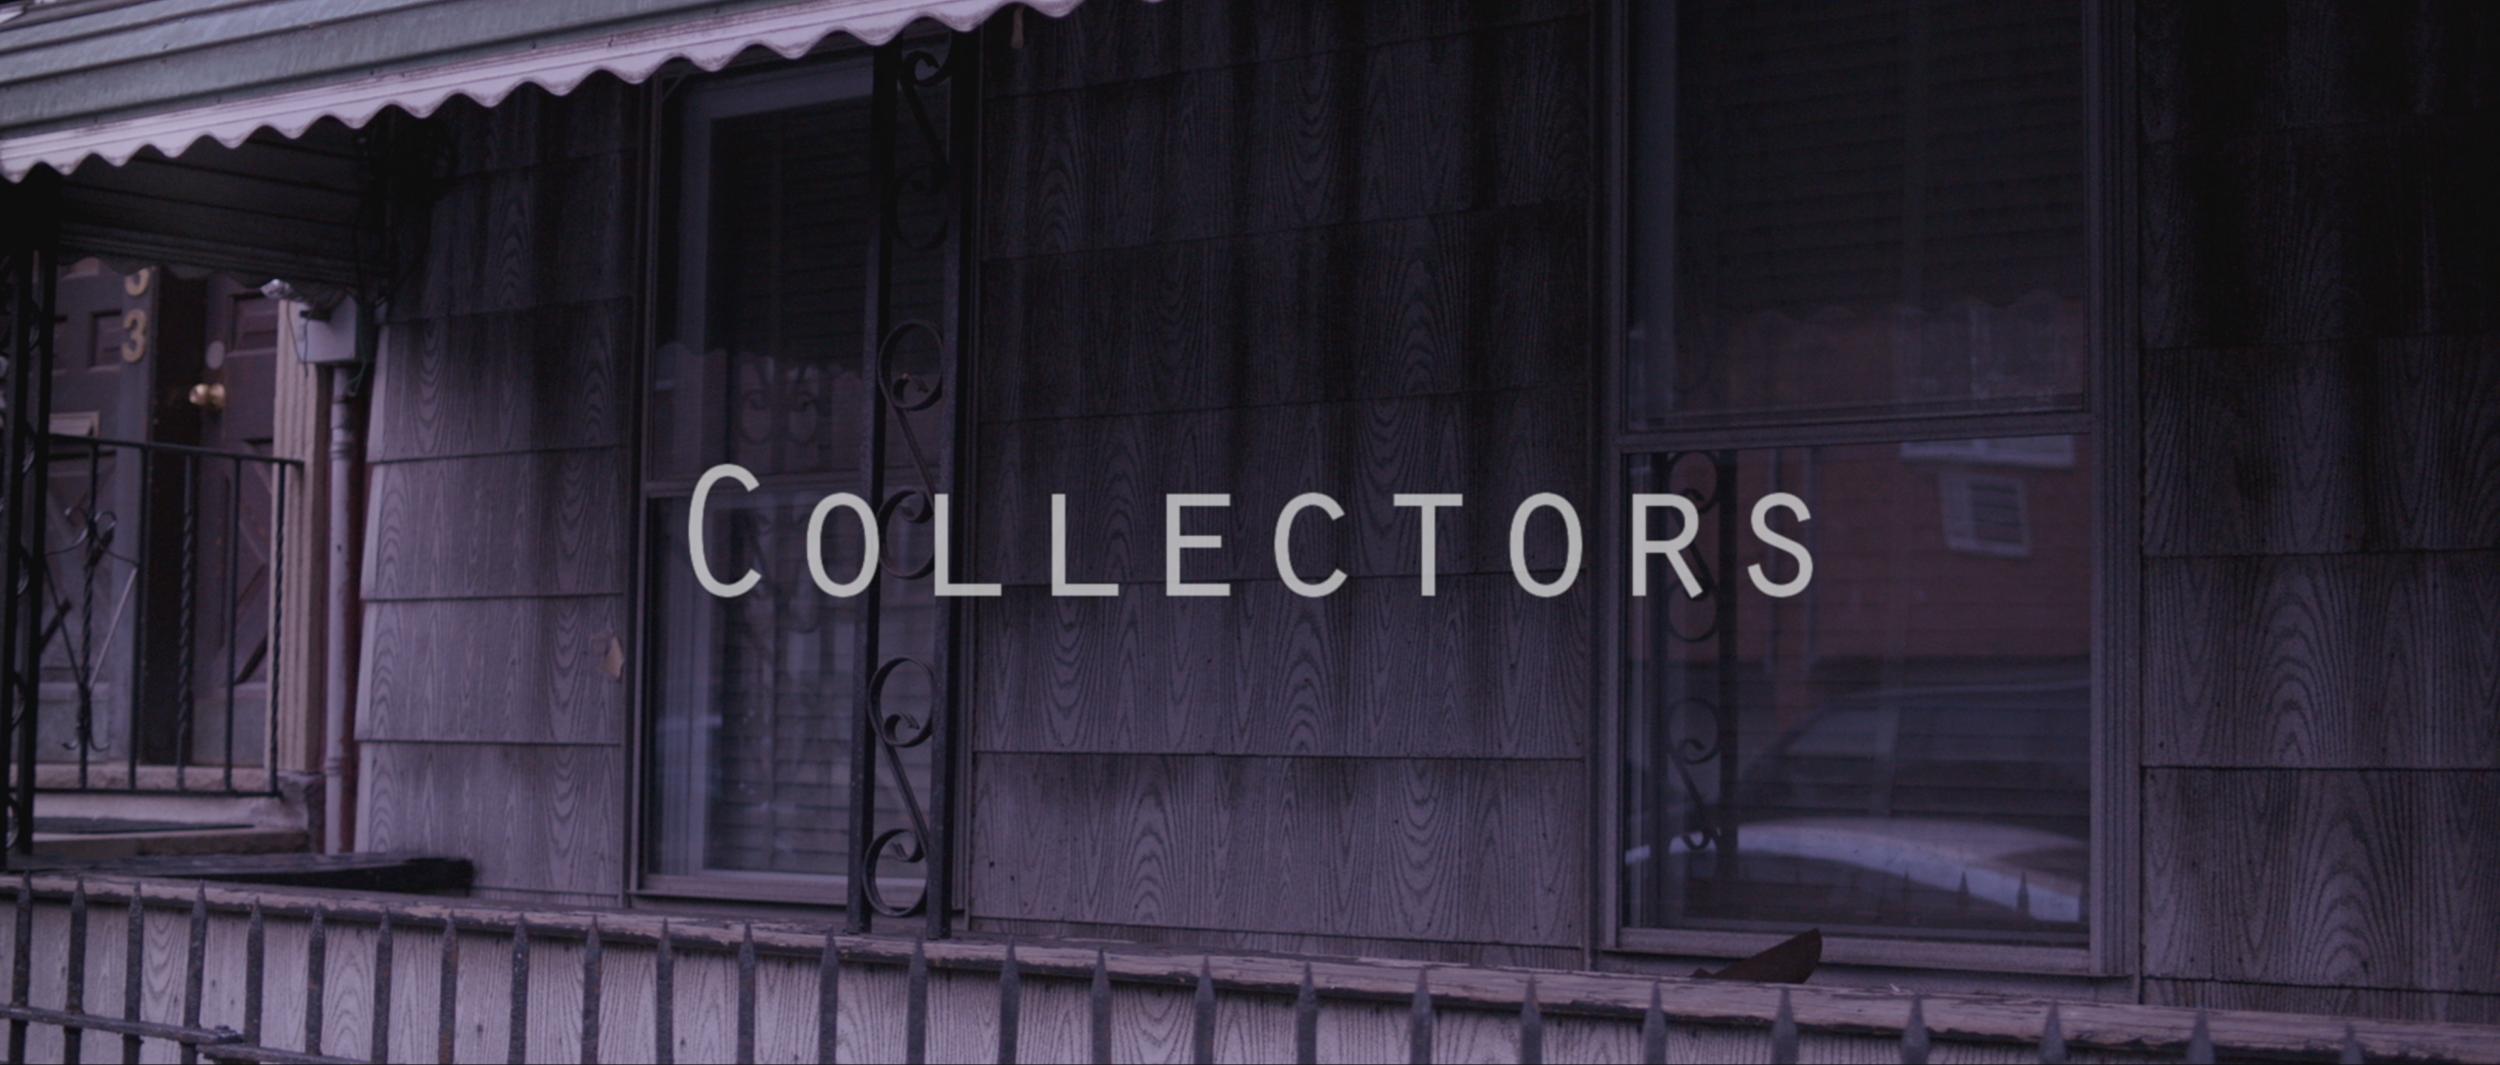 Collectors_1.png